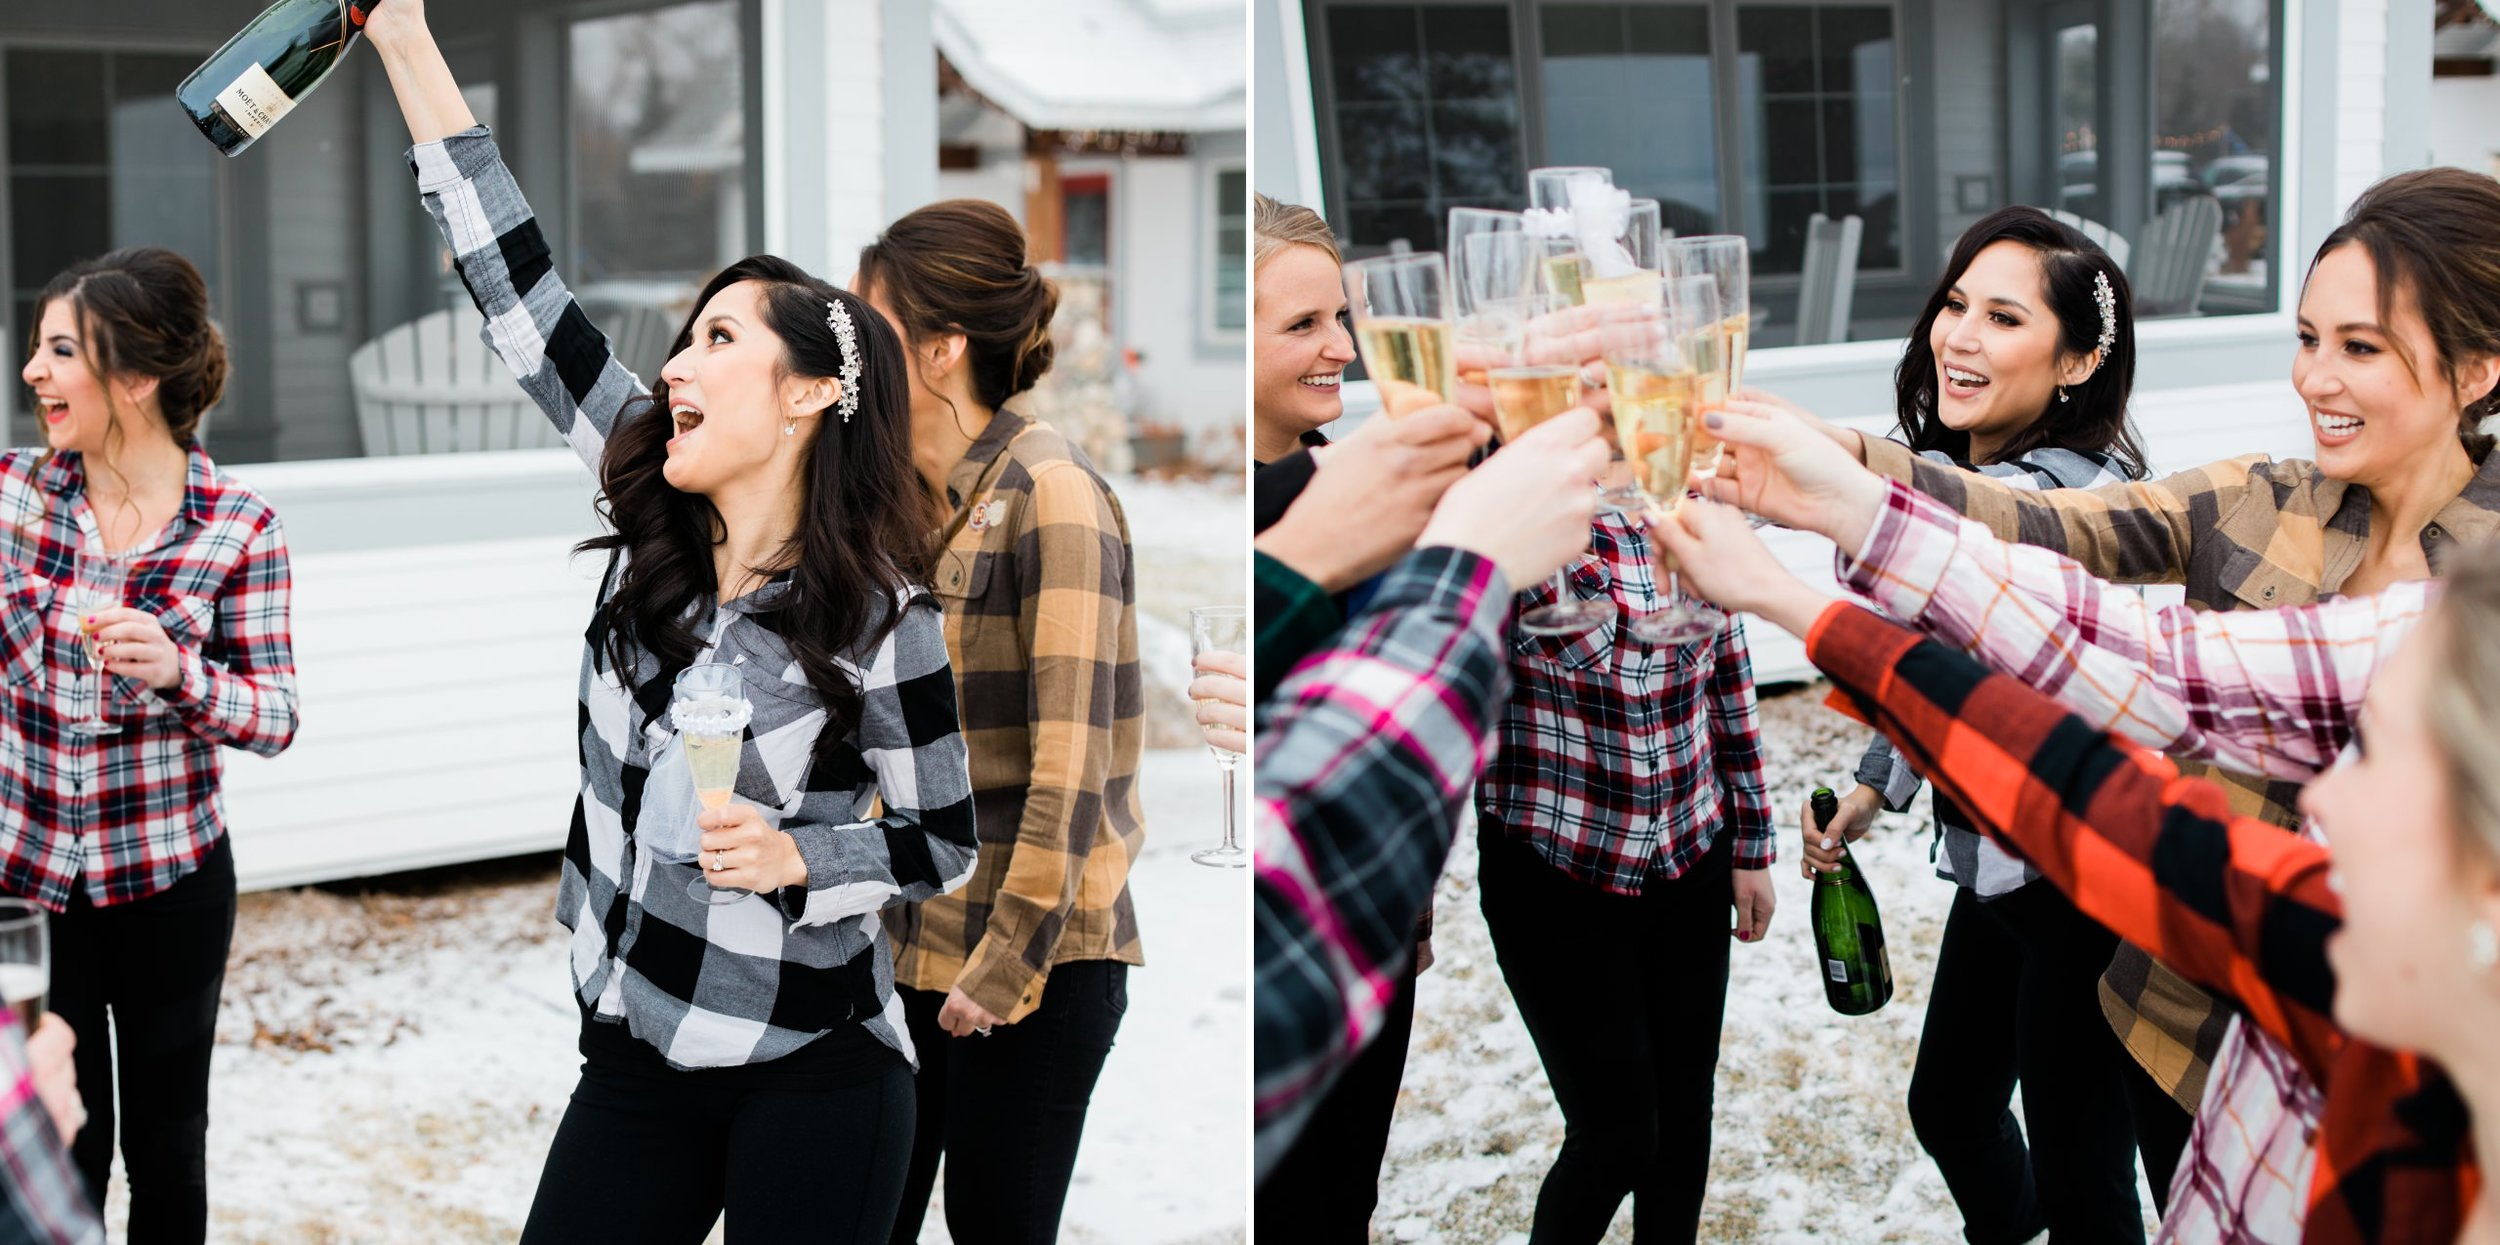 Quarterdeck Winter Wedding in Brainerd, MN